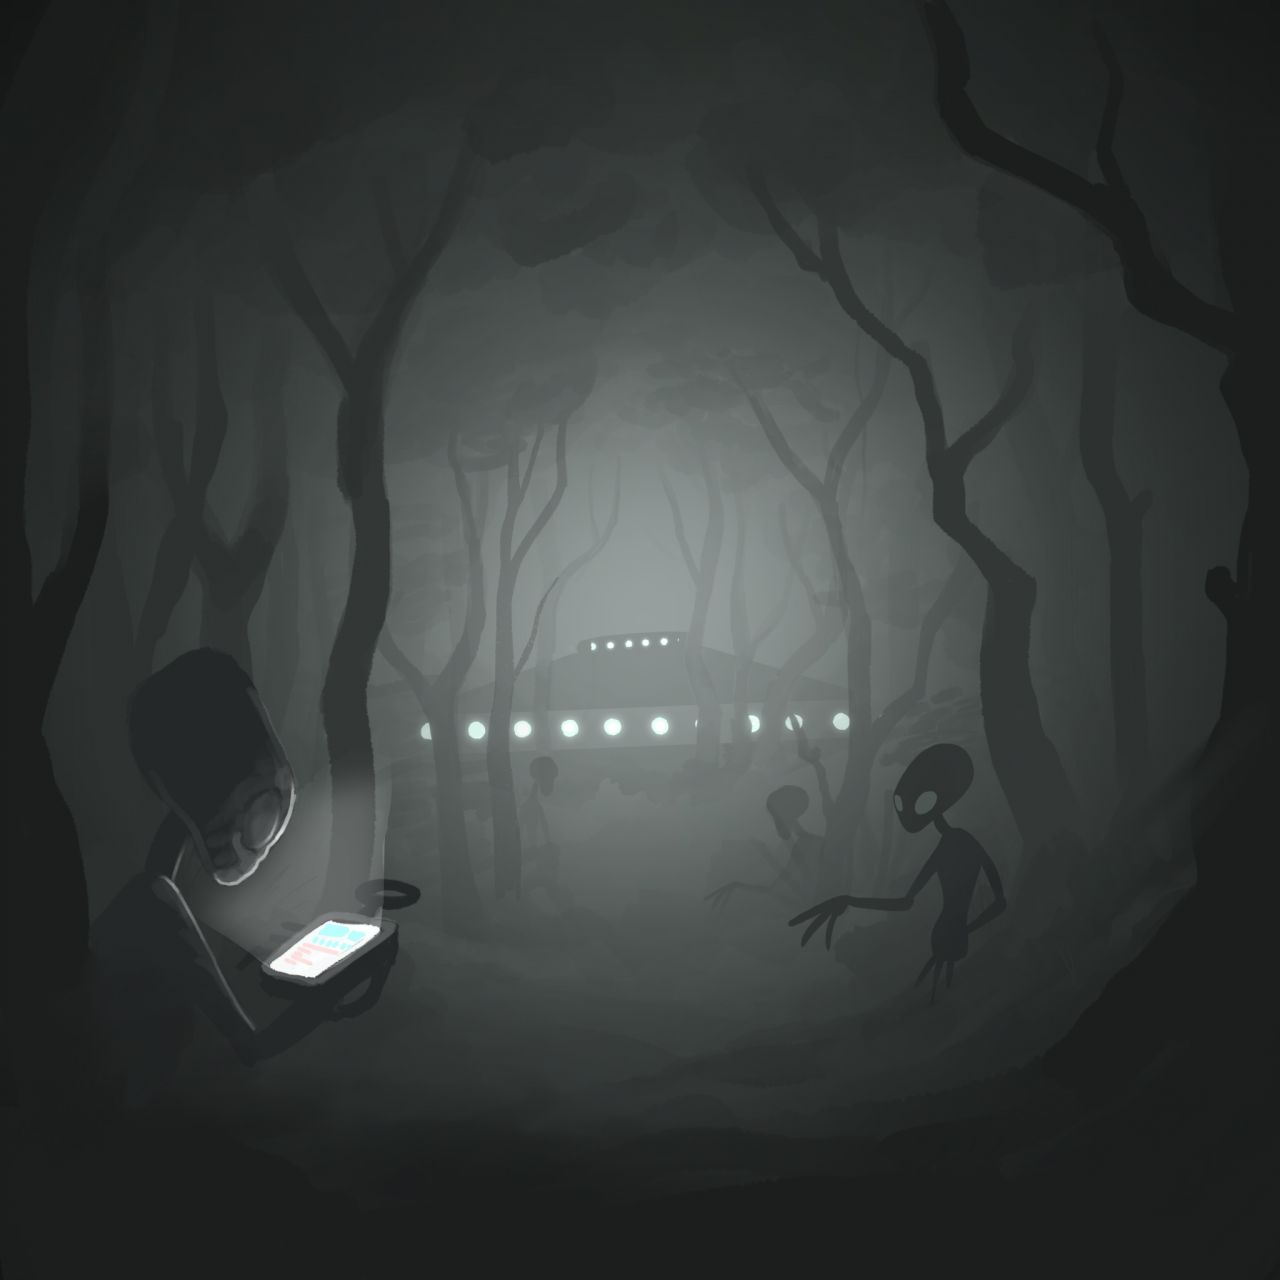 Lichtung und Ufos im Wald